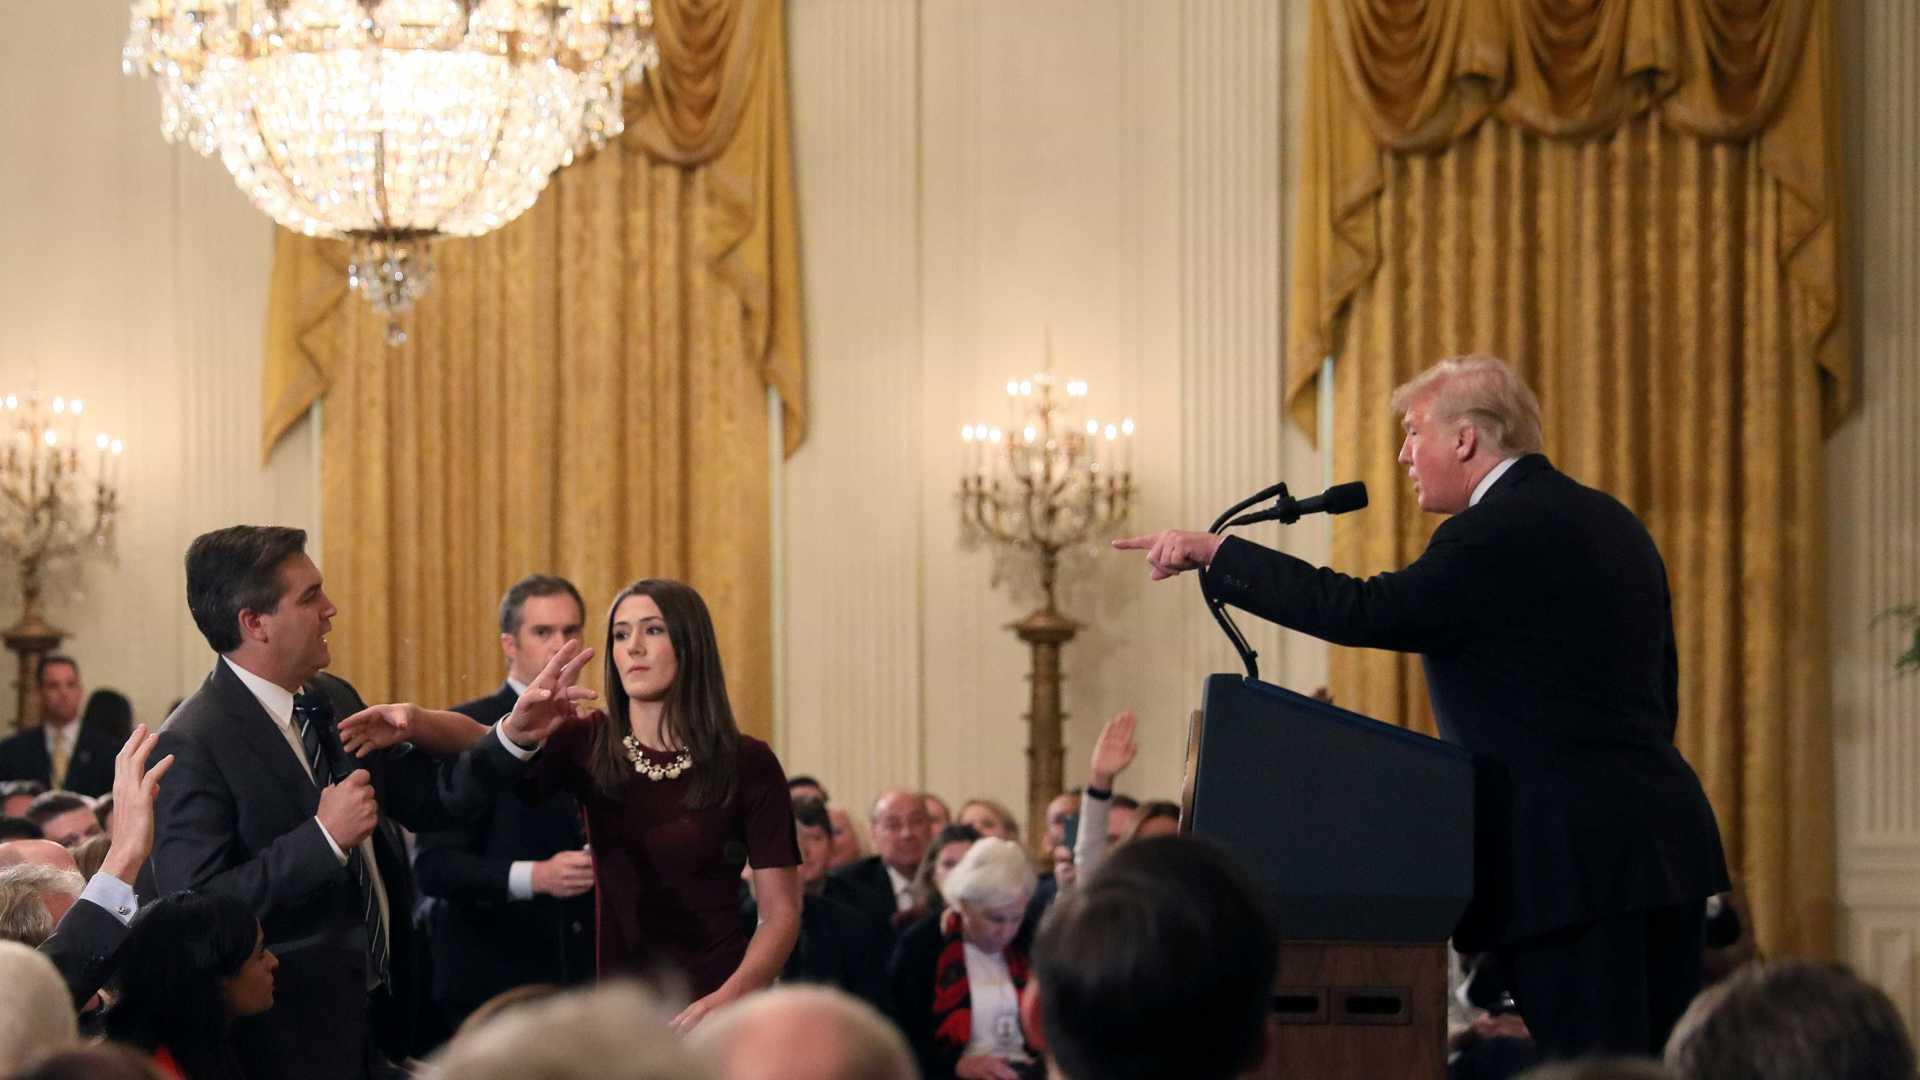 Jornalista da 'CNN' que discutiu com Trump é suspenso pela Casa Branca